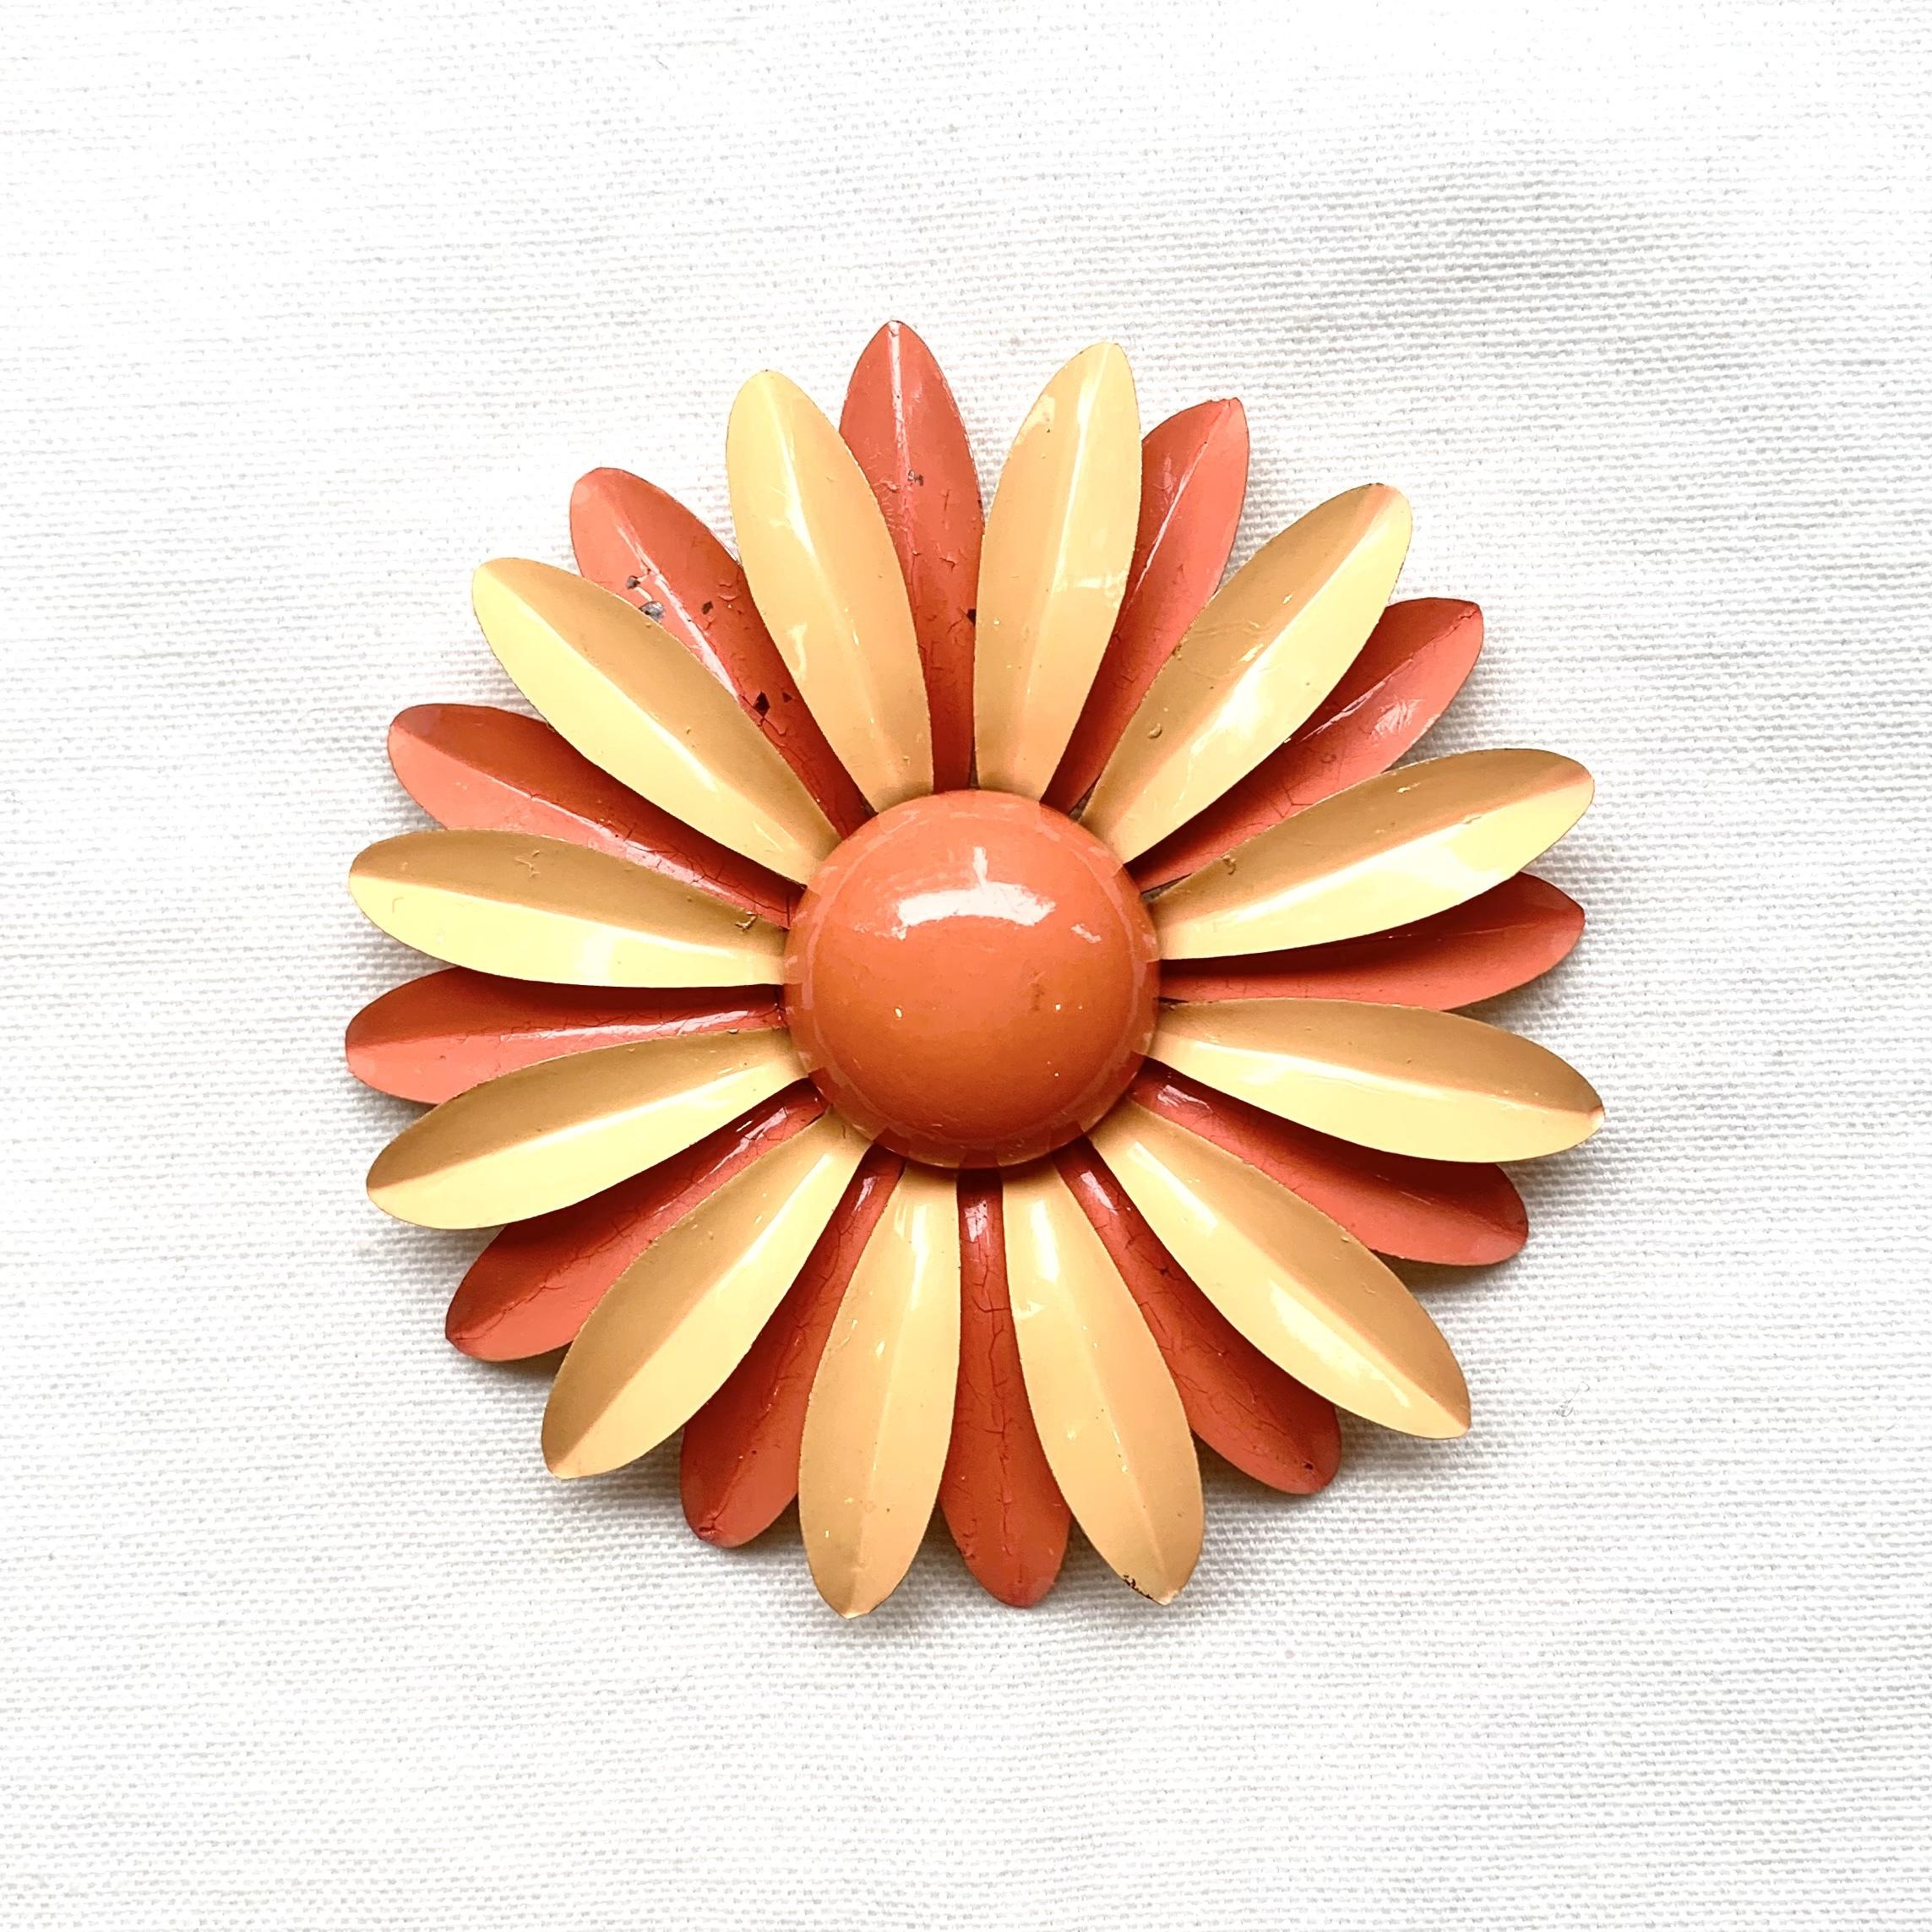 フラワーヴィンテージブローチ(オレンジデイジー)